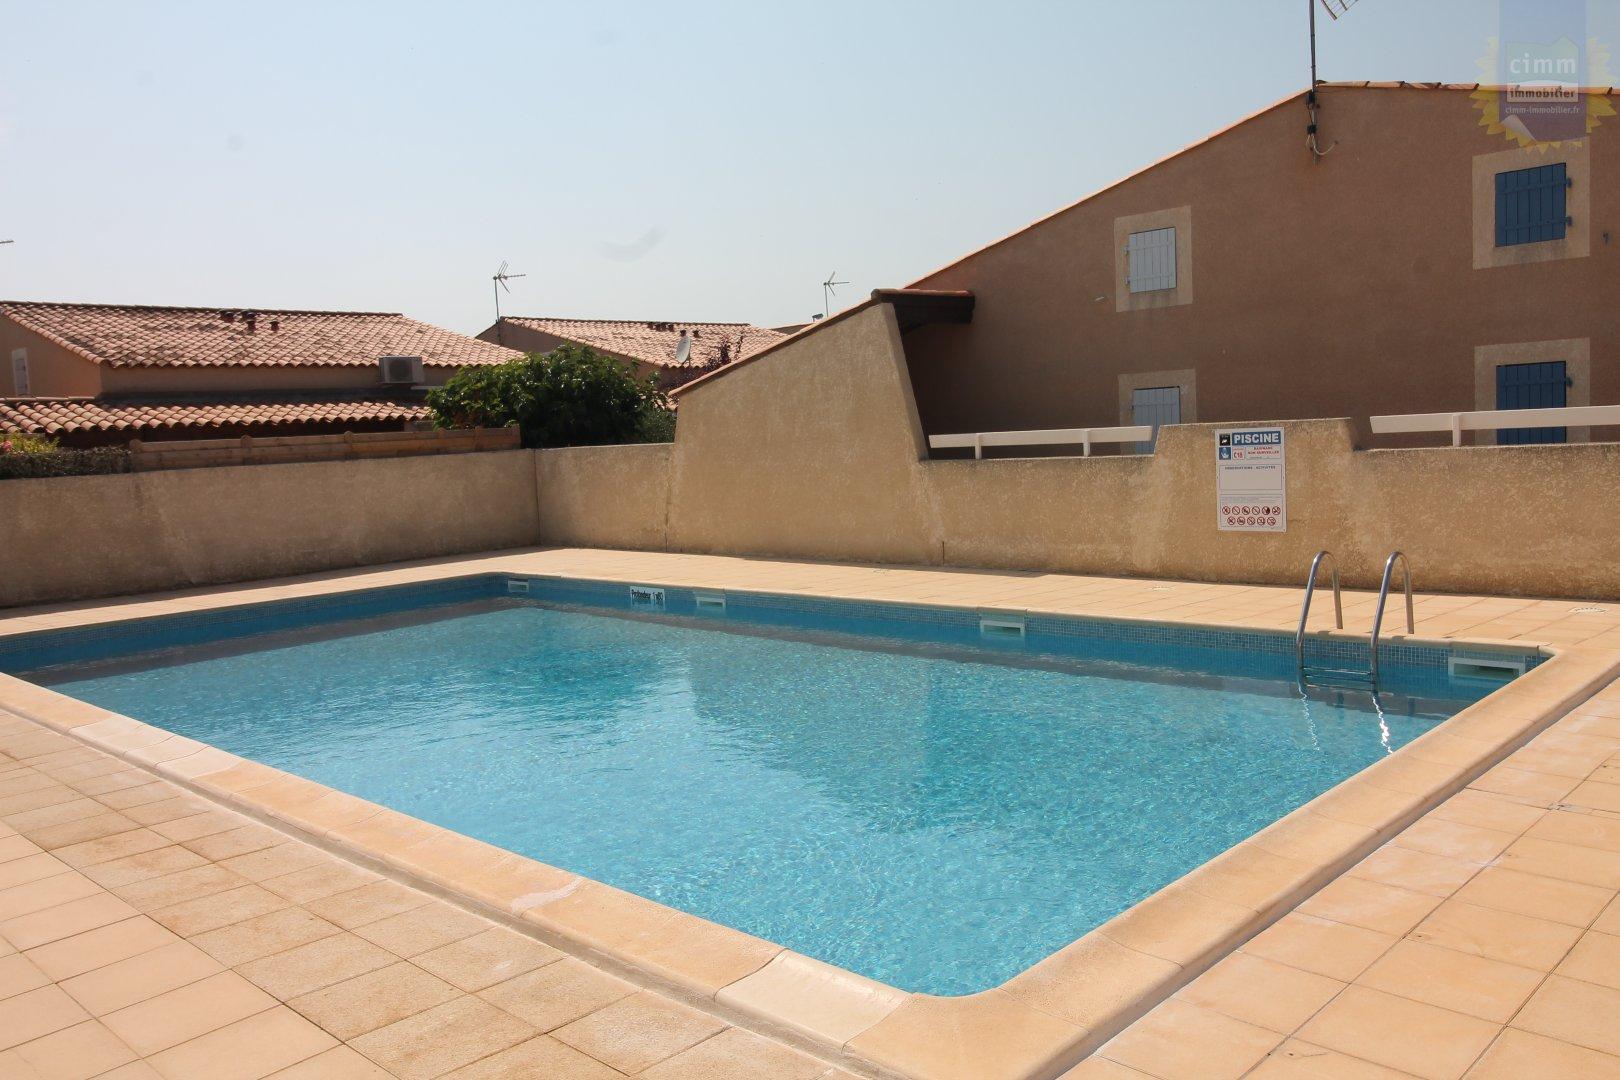 IMMOPLAGE VALRAS-PLAGE, agence immobilière, vente, location et location vacances appartement et maison entre Agde/Sete et Narbonne, proche Béziers - Pavillon - VALRAS PLAGE - Location Vacances - 30m²